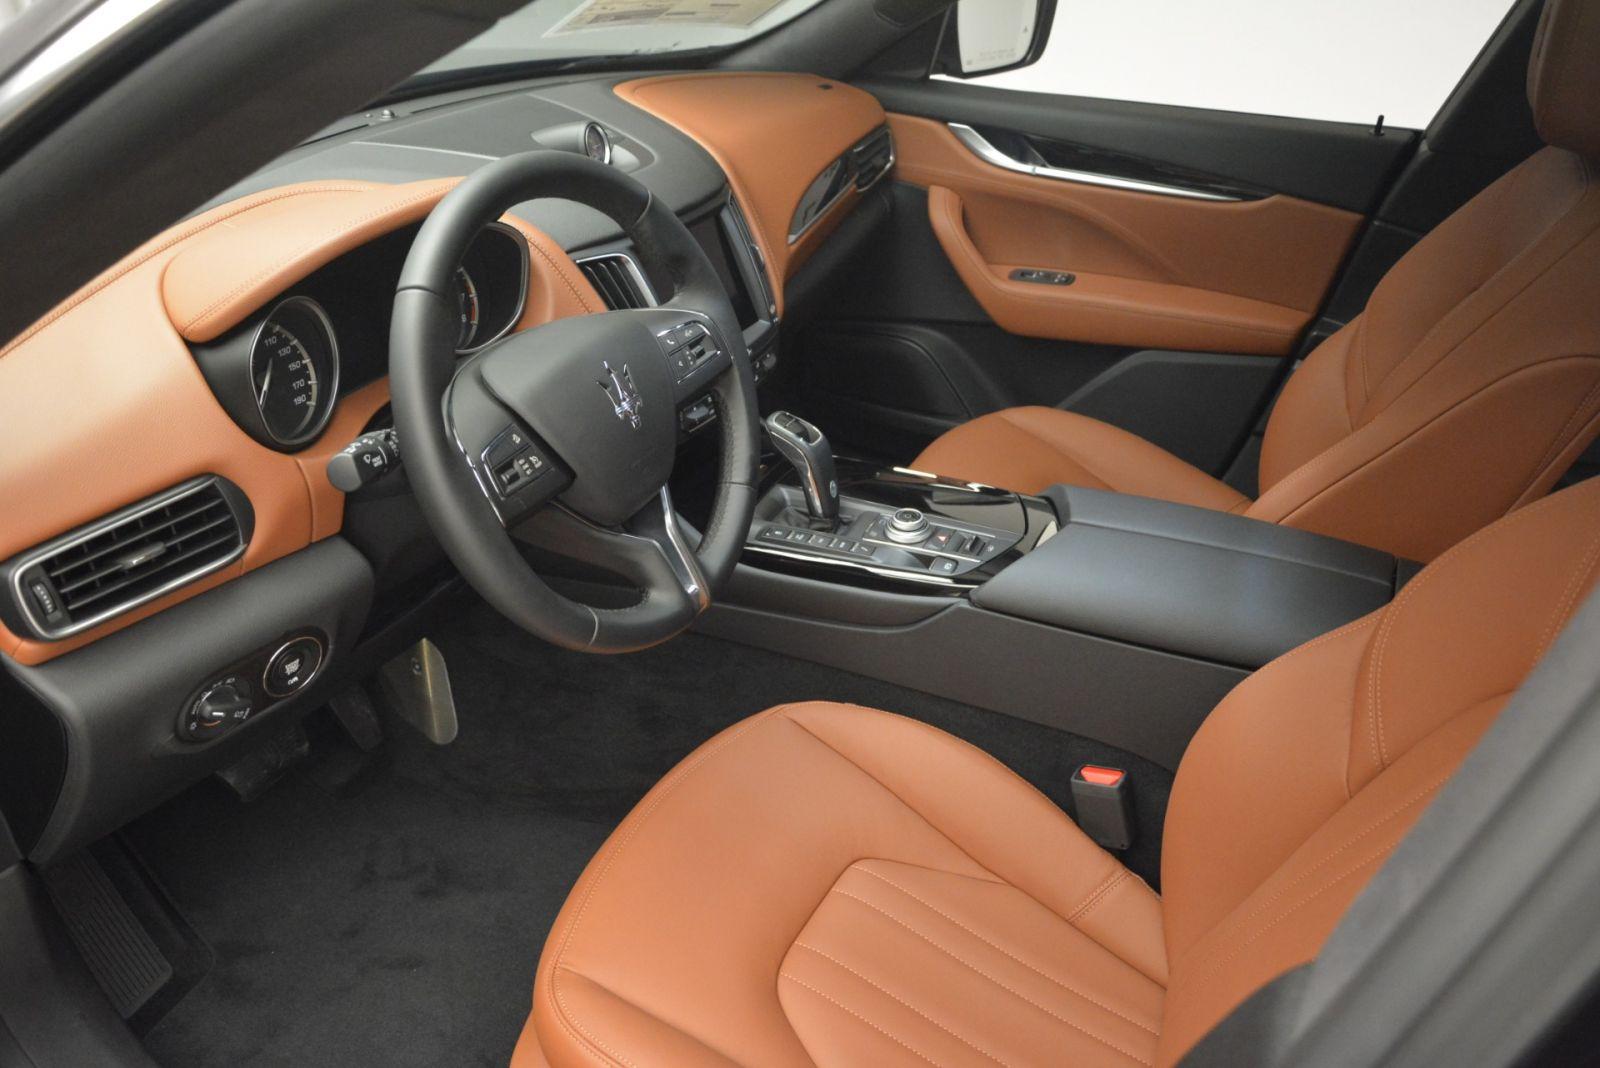 Maserati Levante 5 Chỗ Đối Thủ Porsche Cayenne 2020 Giá Bao Nhiêu Tiền, SUV Levante Có Gì Hơn Cayenne S, Phiên Bản Trofeo Mạnh Hơn Bản Turbo Hay Không, Tăng Tốc Giữa 2 Xe nào nhanh hơn. Maserati và Porsche hãng nào ra đời trước.